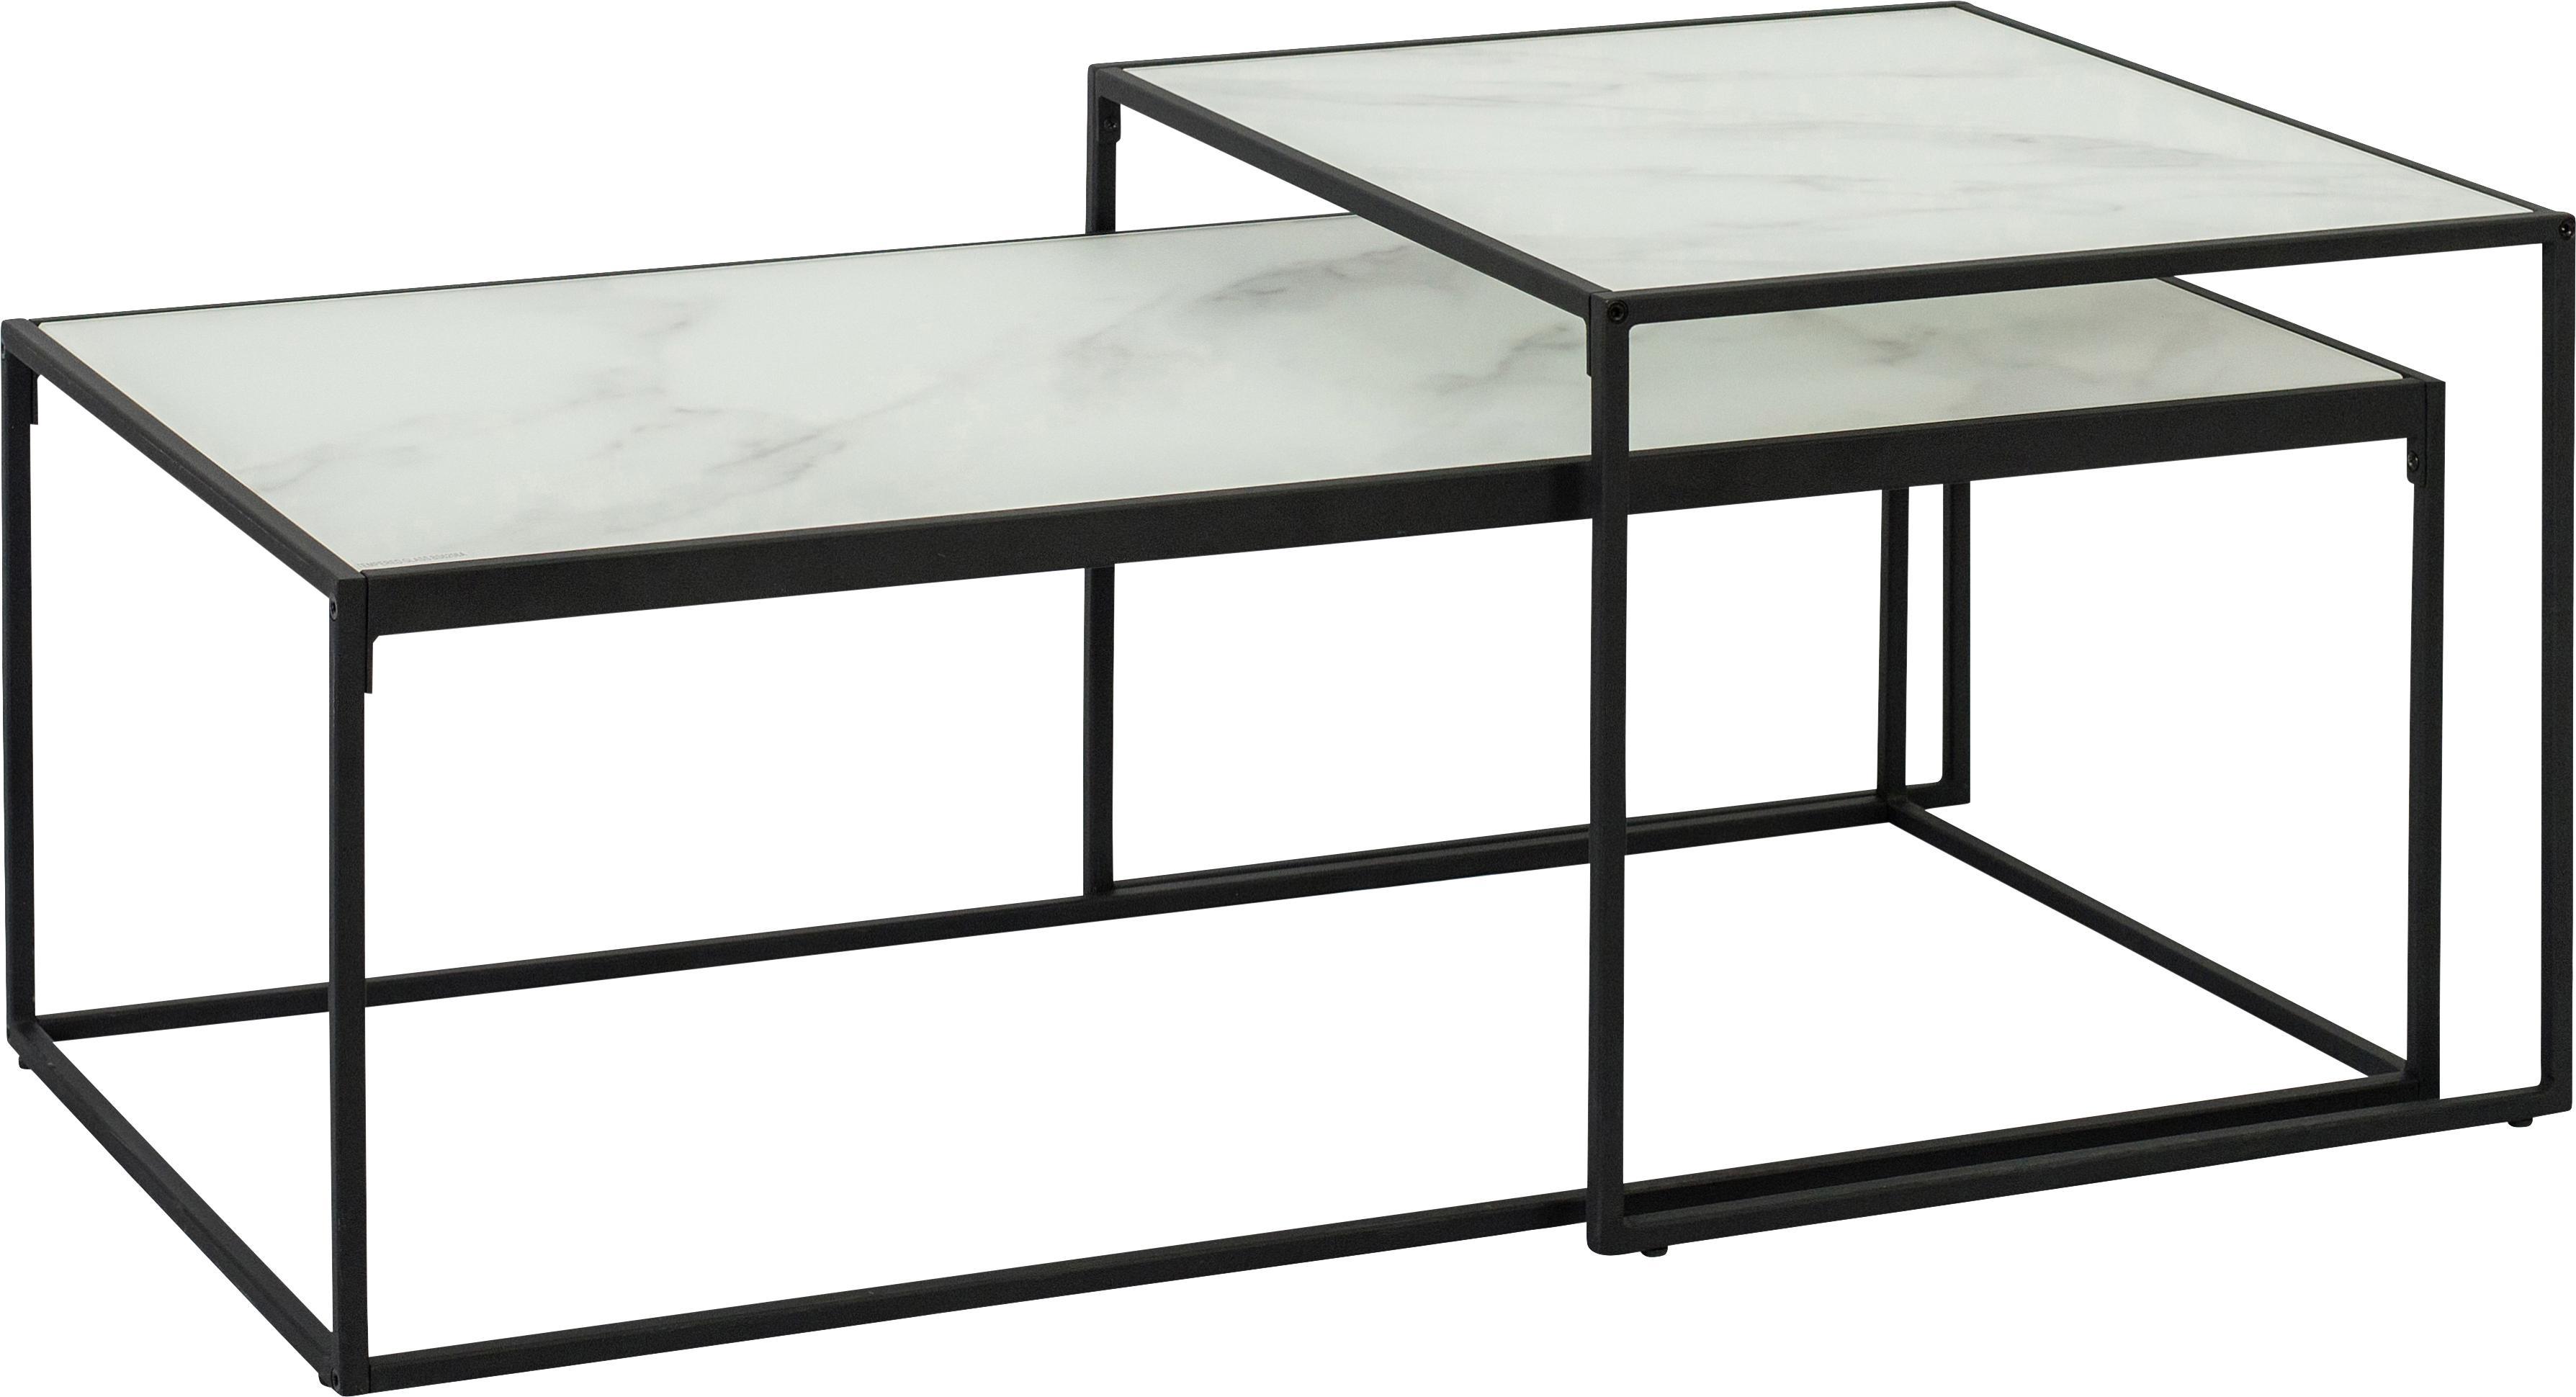 Set de mesas de centro Bolton, 2pzas., tablero de cristal, Tablero: vidrio, laminado, Estructura: metal con pintura en polv, Blanco, Set de diferentes tamaños